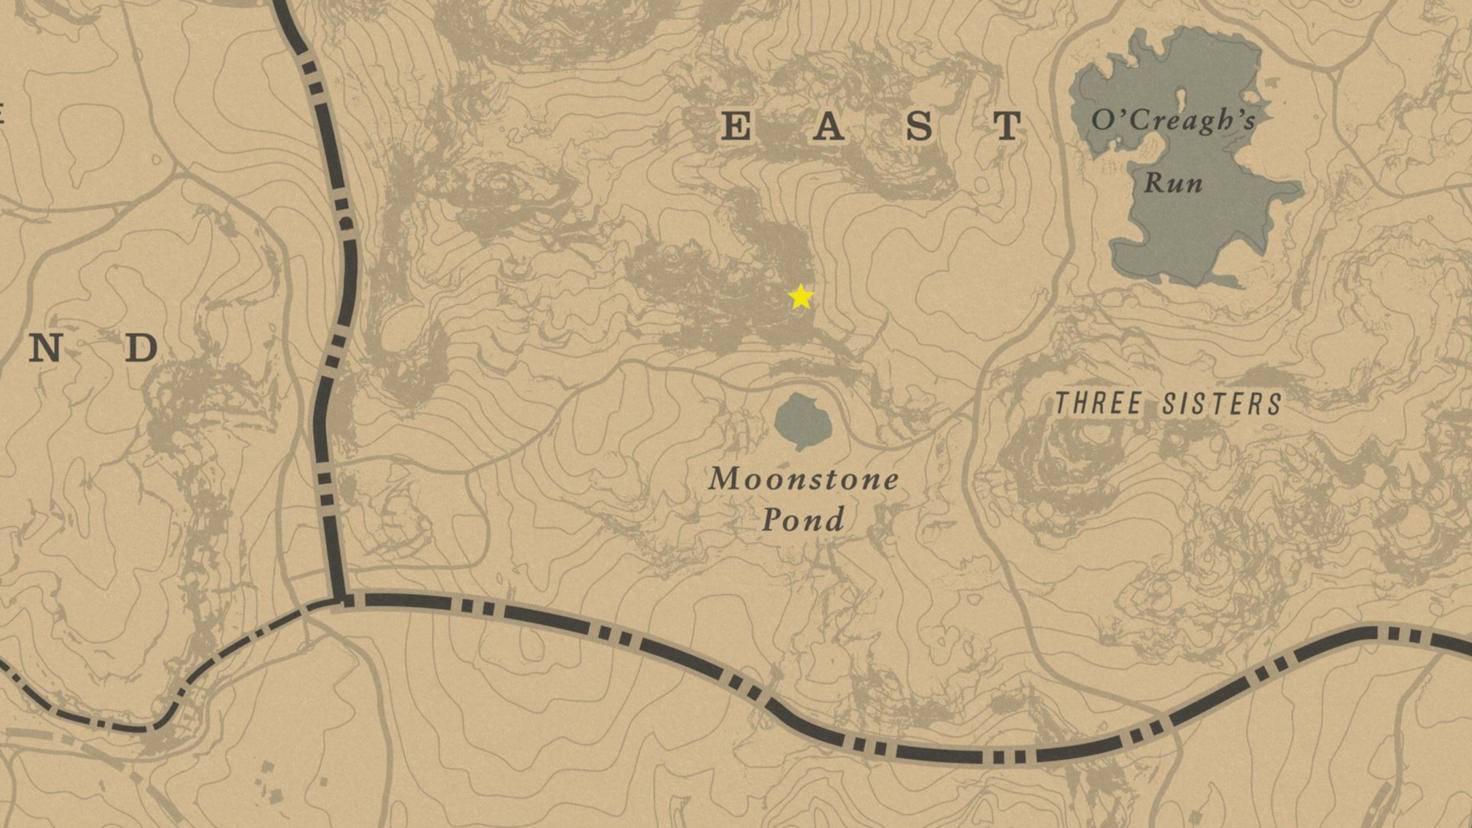 Den genauen Standpunkt des Easter Eggs haben wir auf der Karte mit einem Stern markiert.